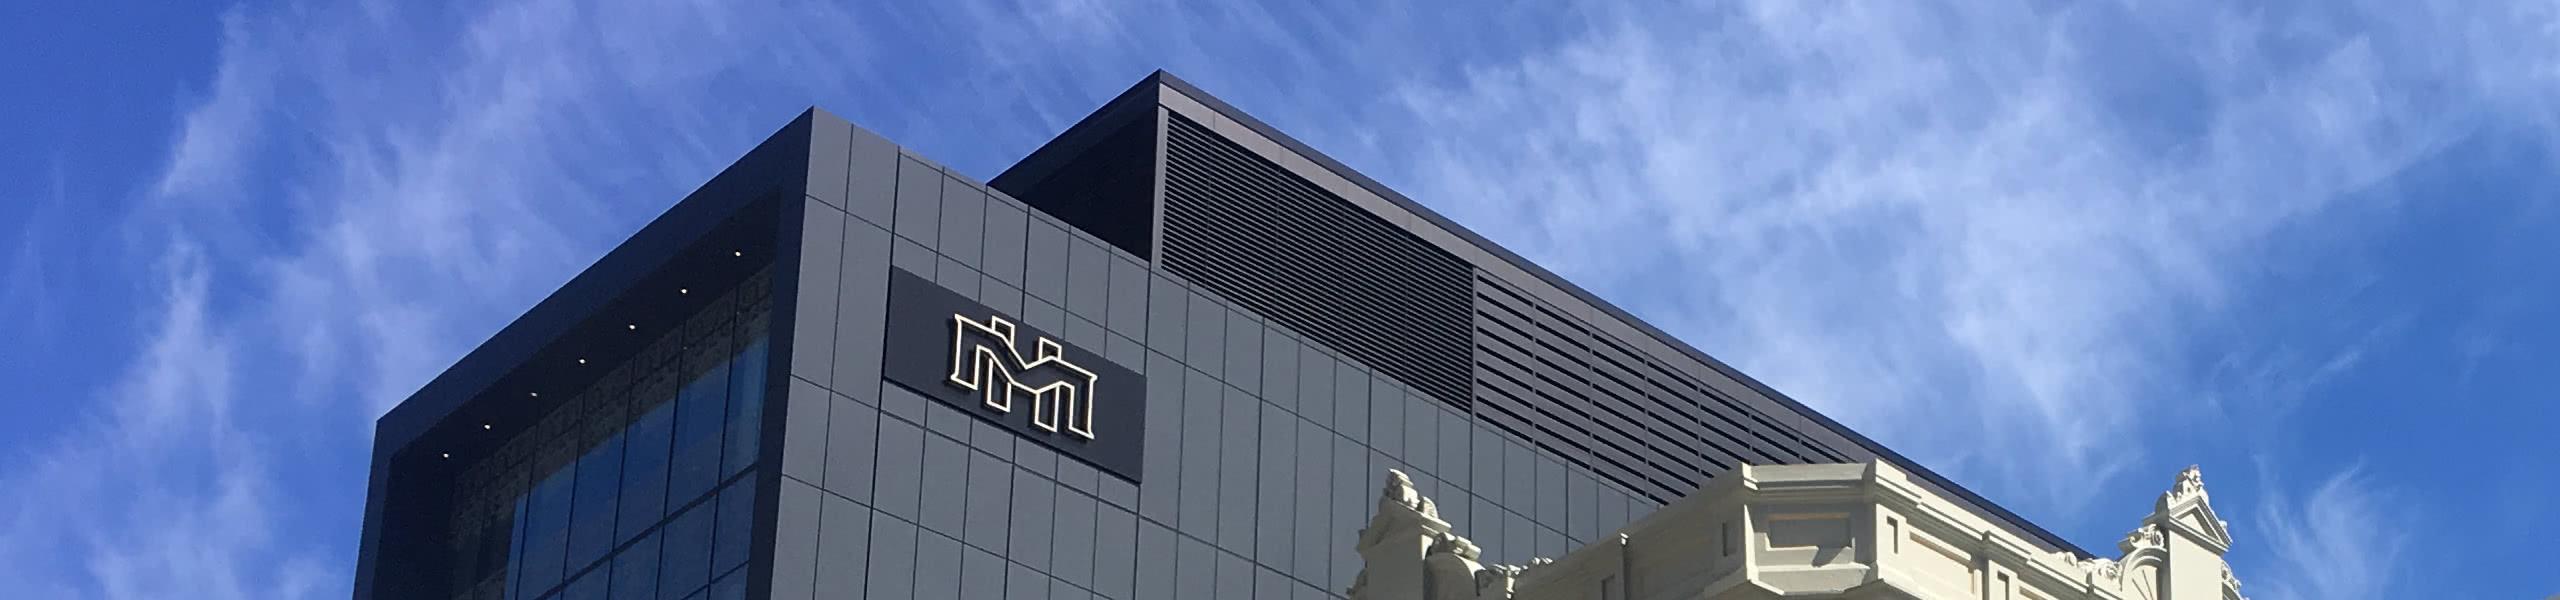 melbourne hotel Aluminium panels